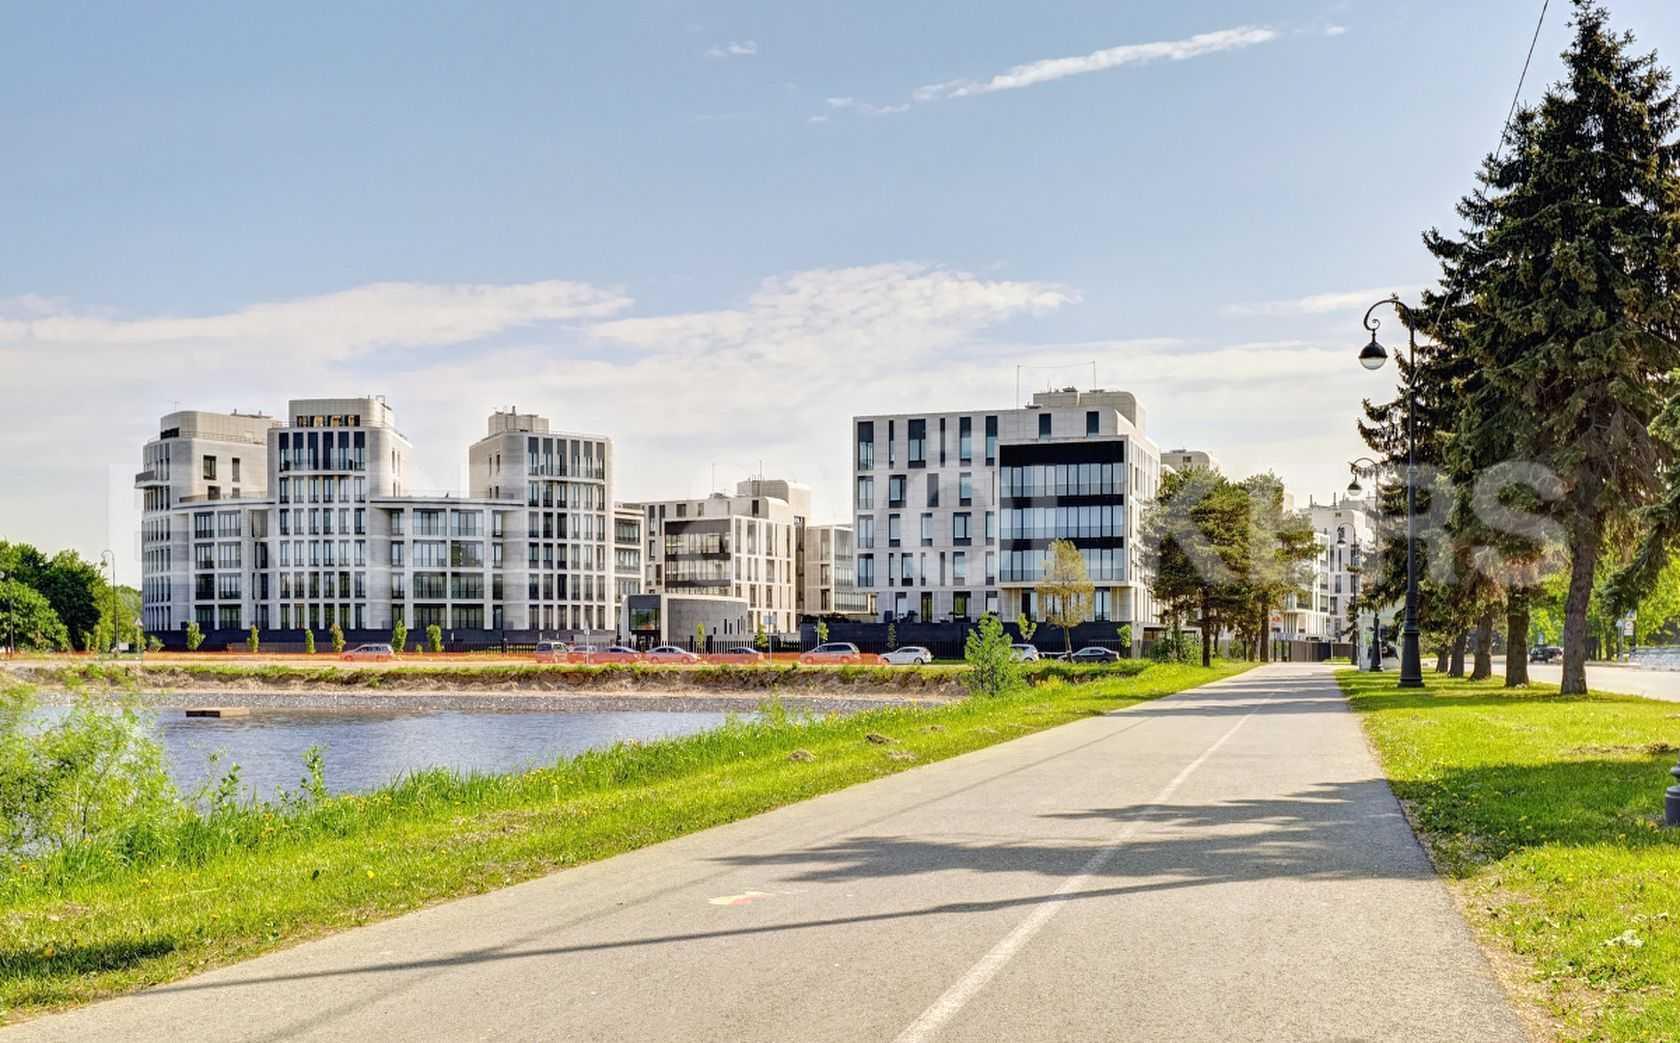 Элитные квартиры на . Санкт-Петербург, наб. Мартынова, 74. Велосипедная дорожка вдоль Гребного канала